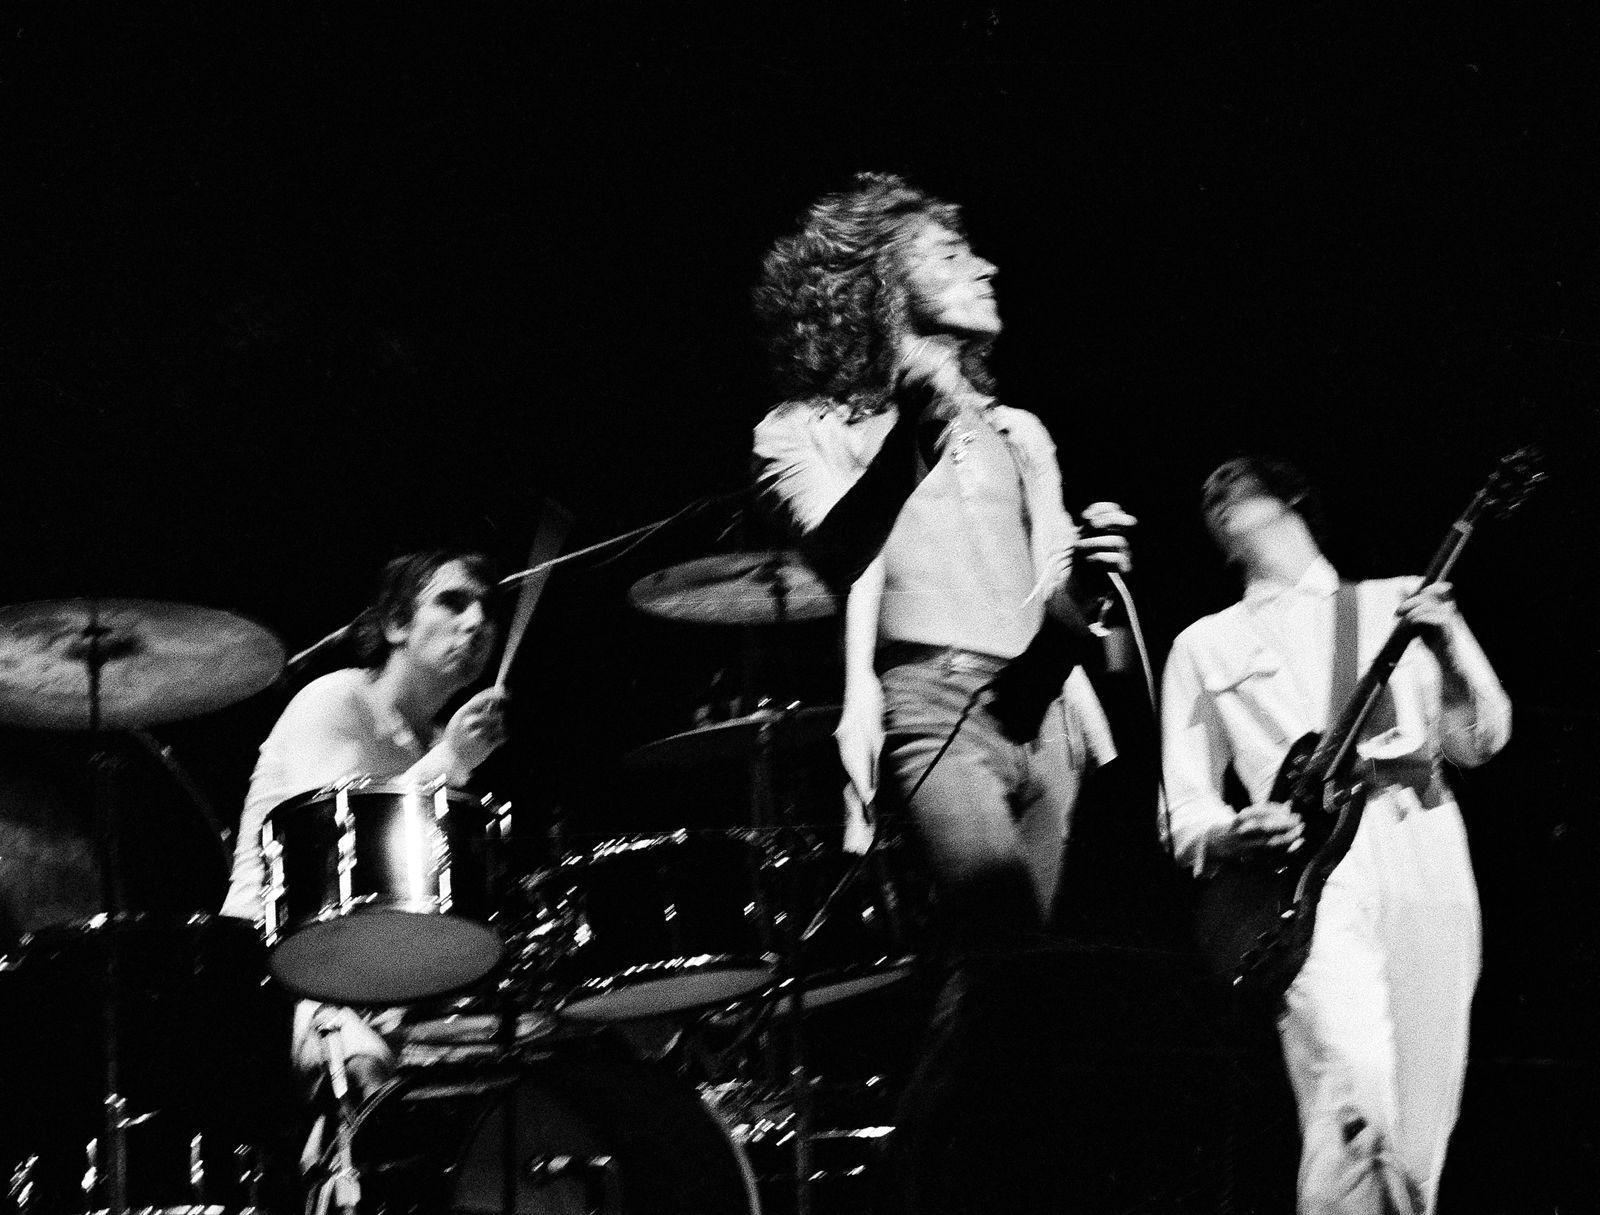 Pete Townshend - Daltrey Moon Townshend